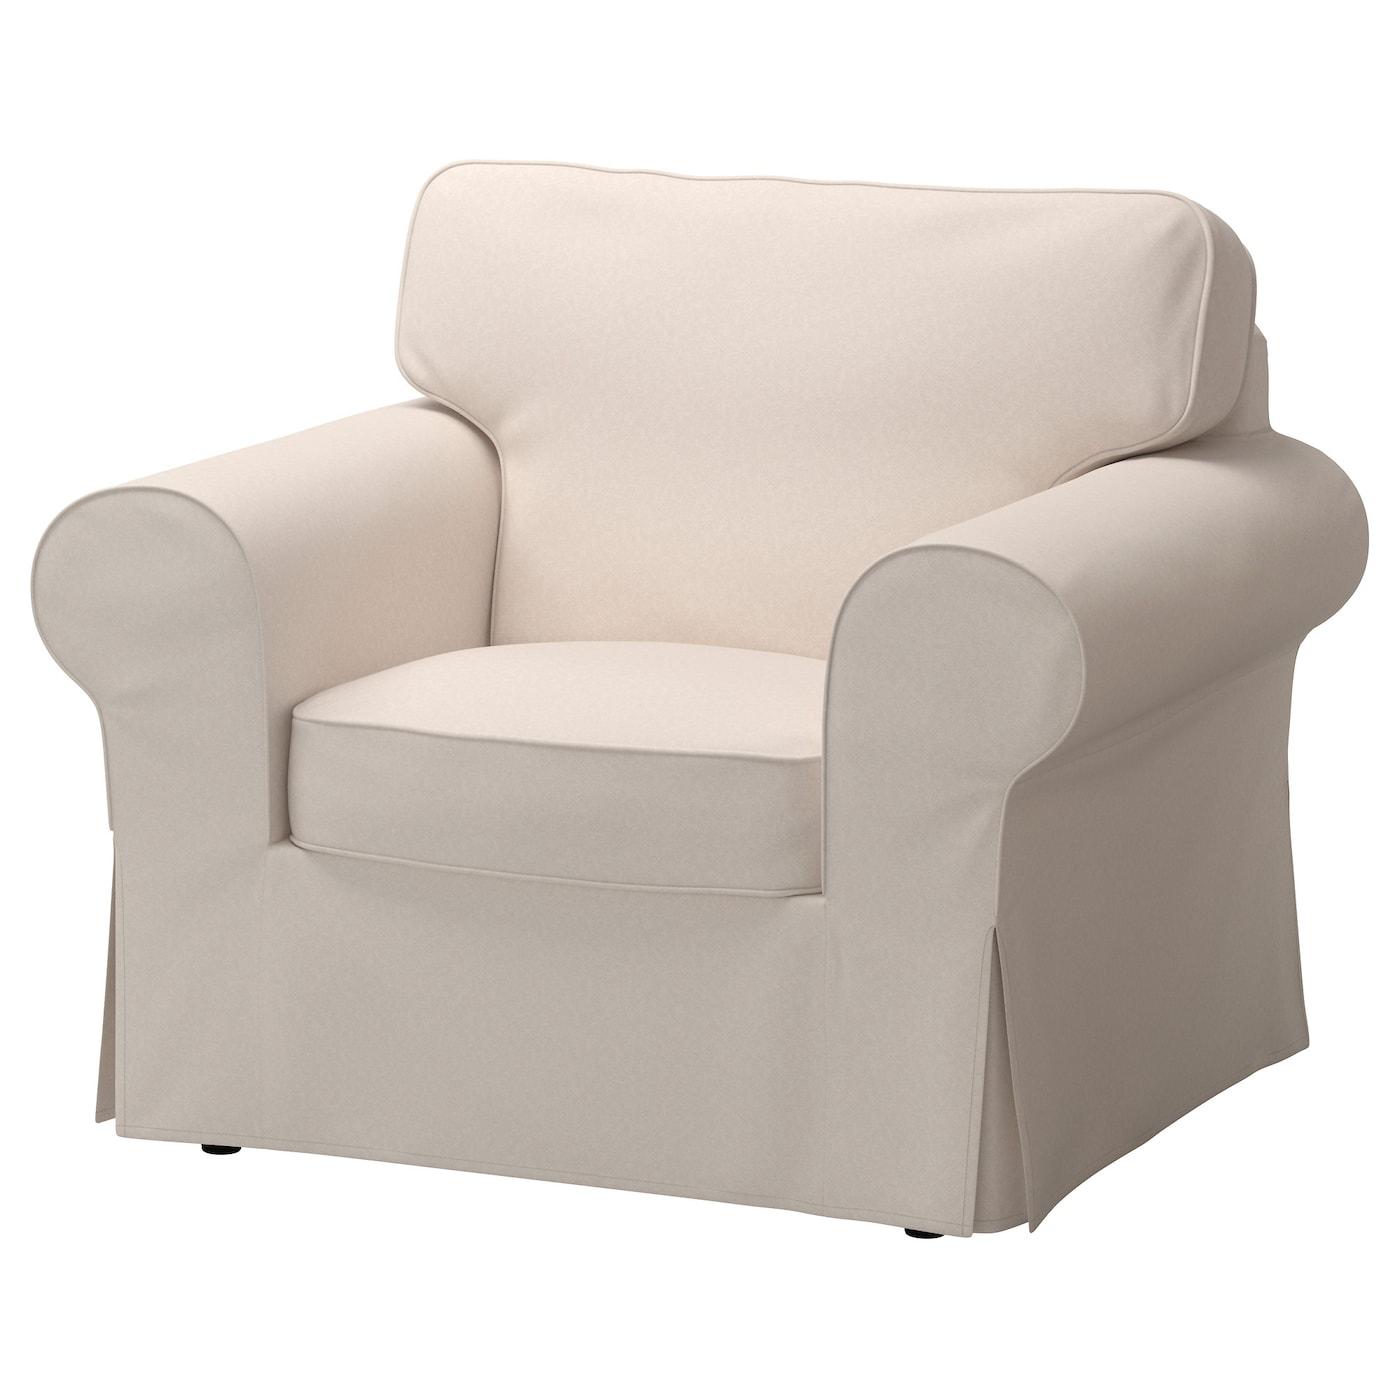 Hemnes Coffee Table Light Brown 90 X 90 Cm: EKTORP Two-seat Sofa Lofallet Beige